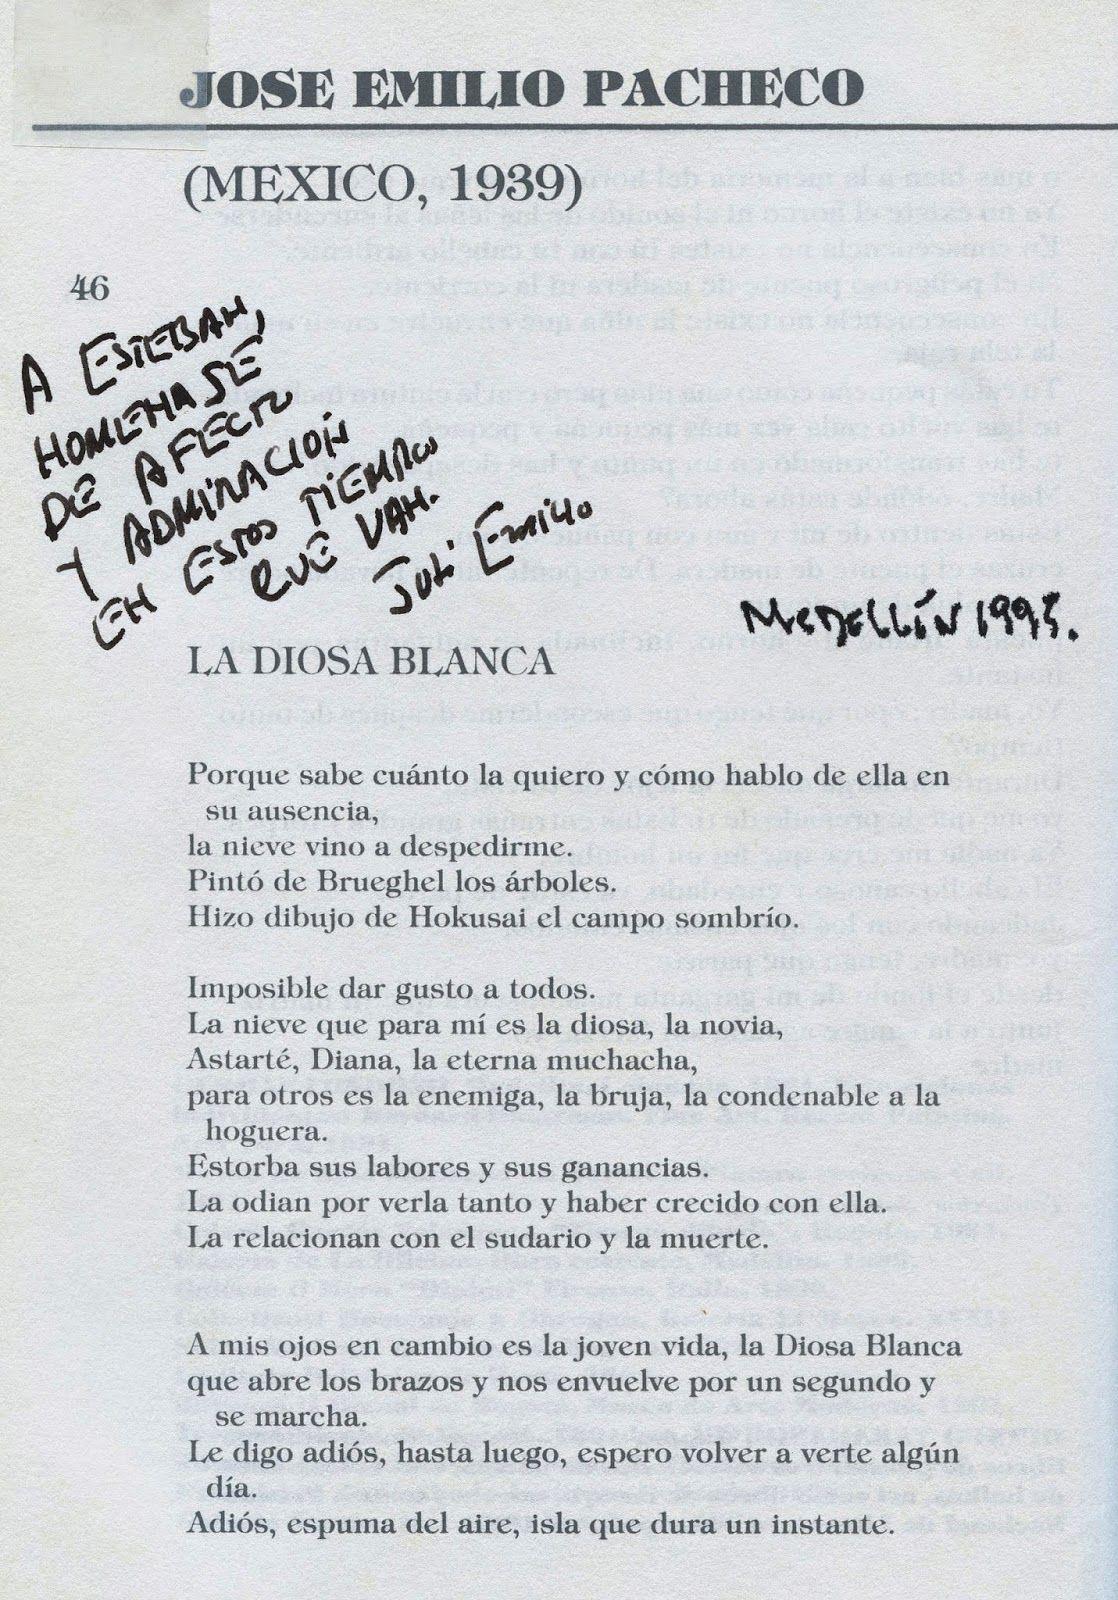 Alpialdelapalabra Jose Emilio Pacheco In Memoriam Memoriam Words Emilio